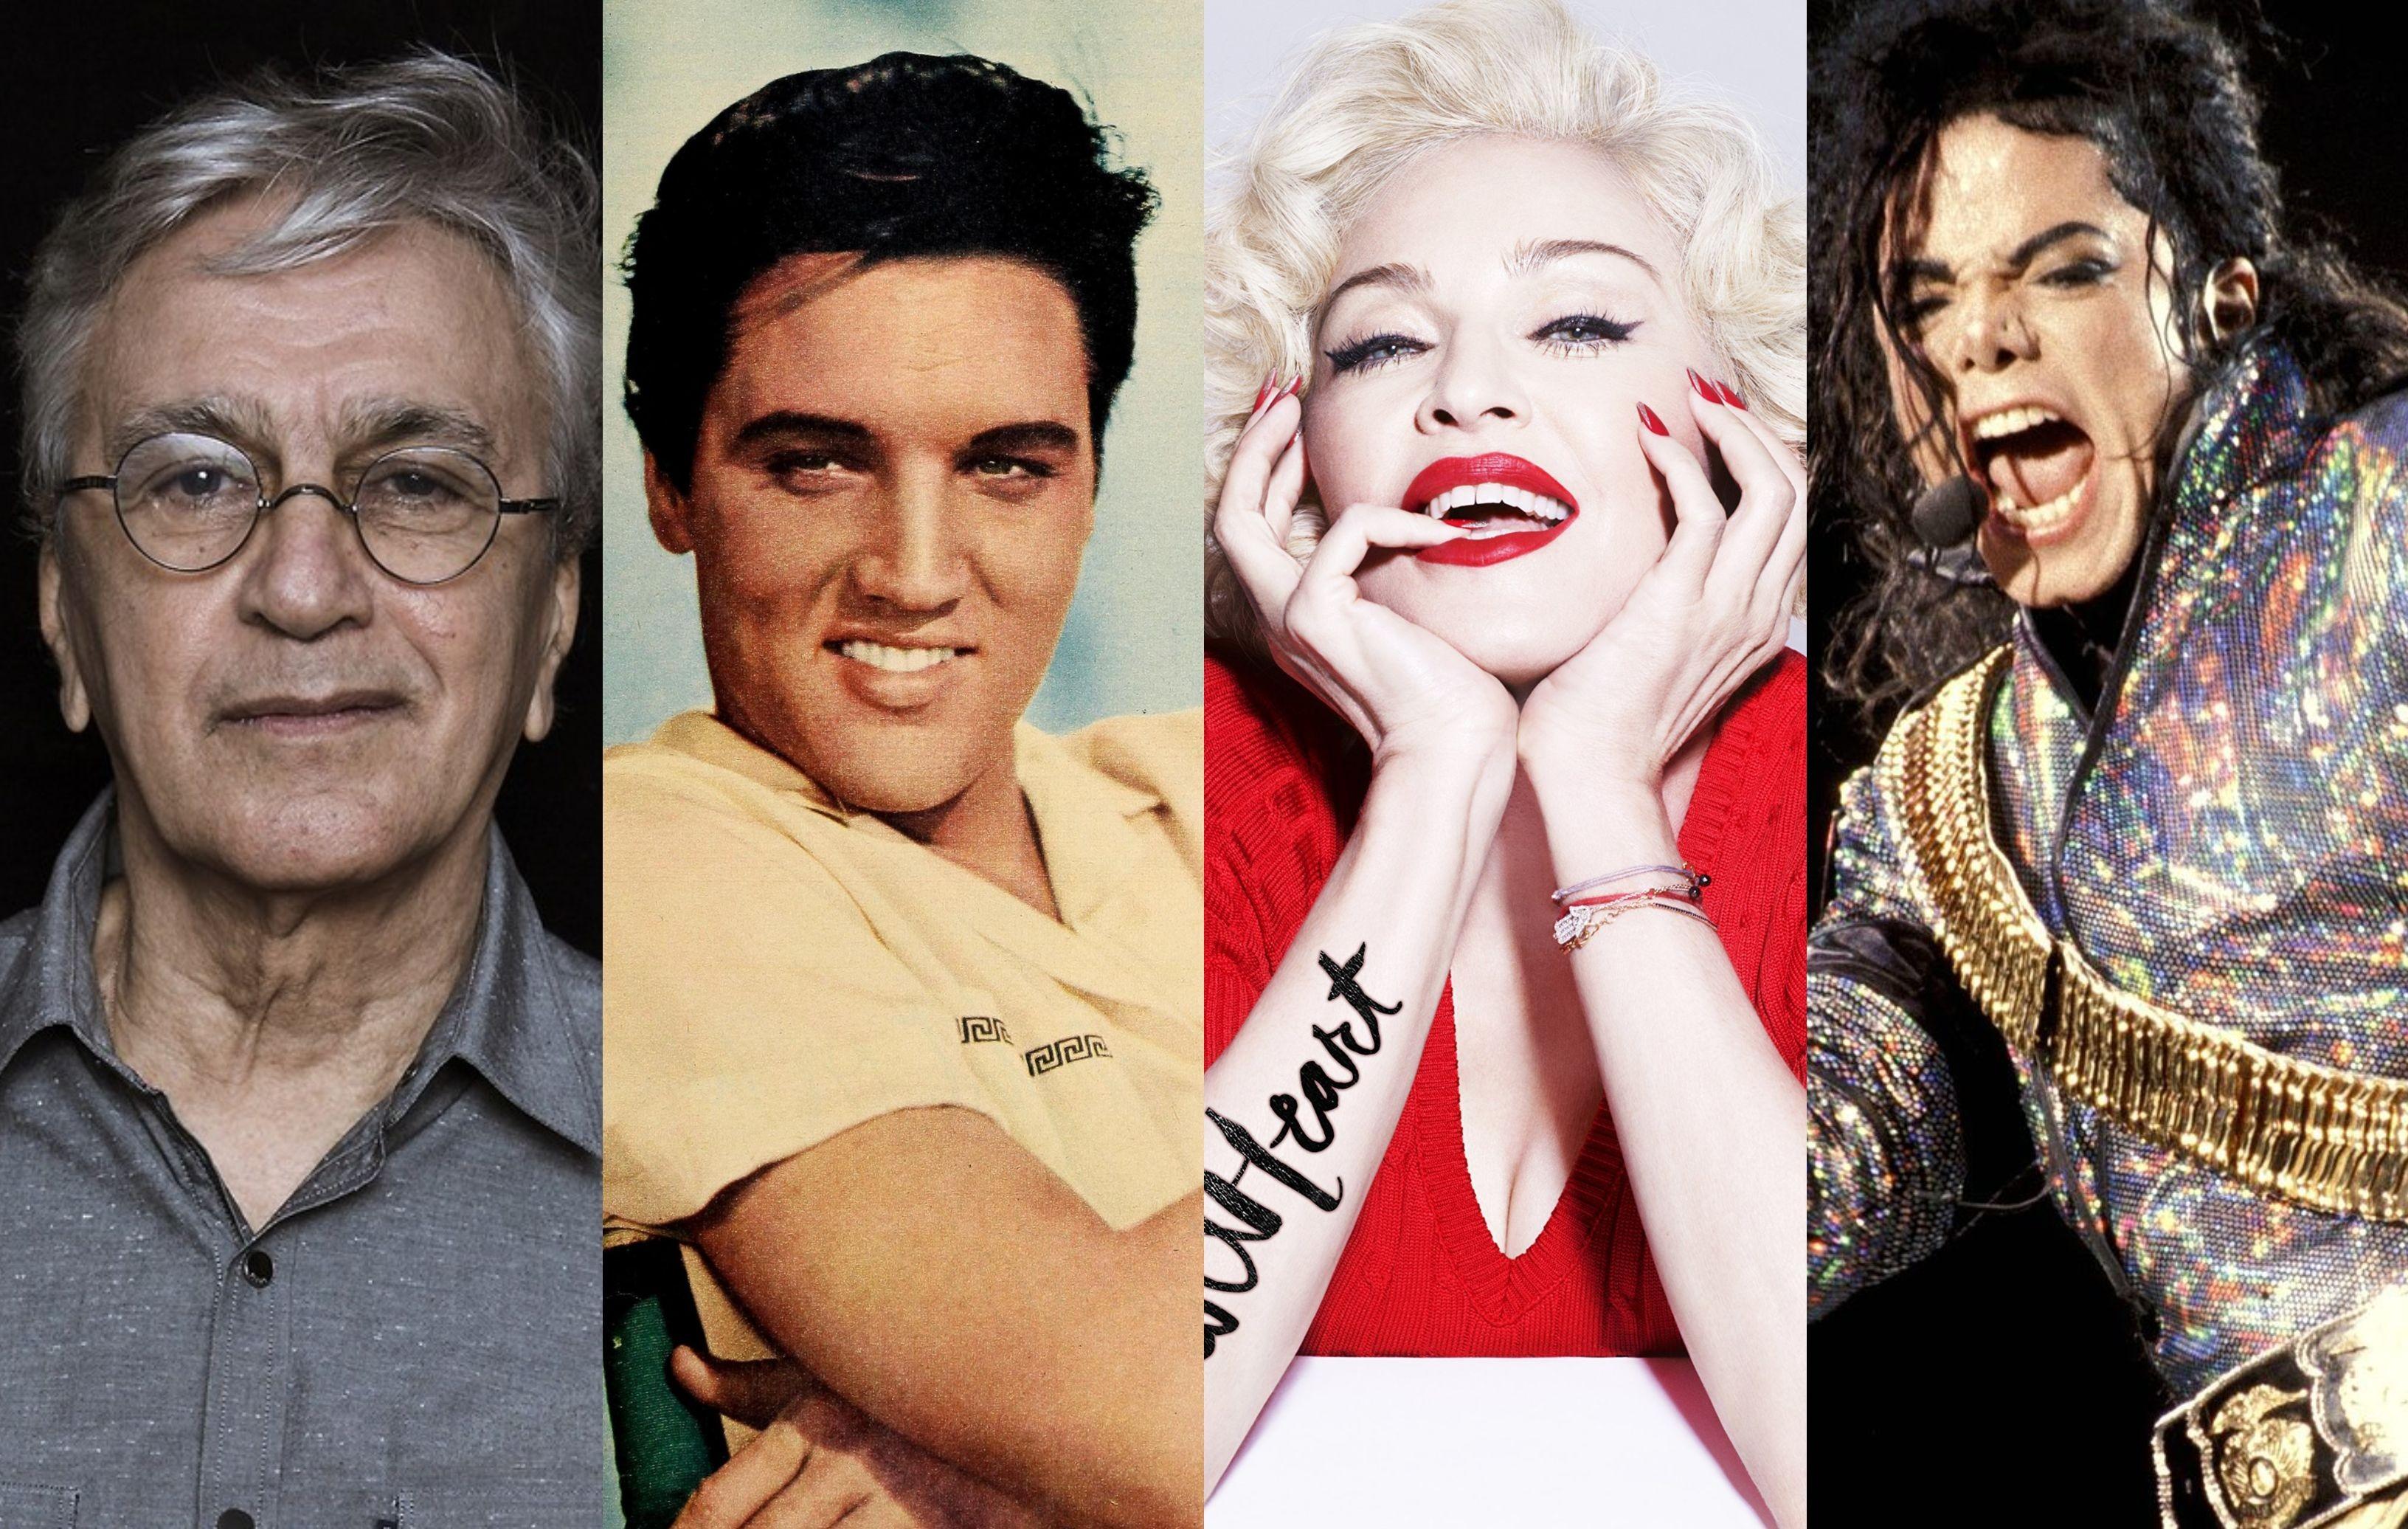 Agosto no BIS tem shows de Caetano, Elvis, Michael, Madonna e muito mais (Foto: Divulgao)